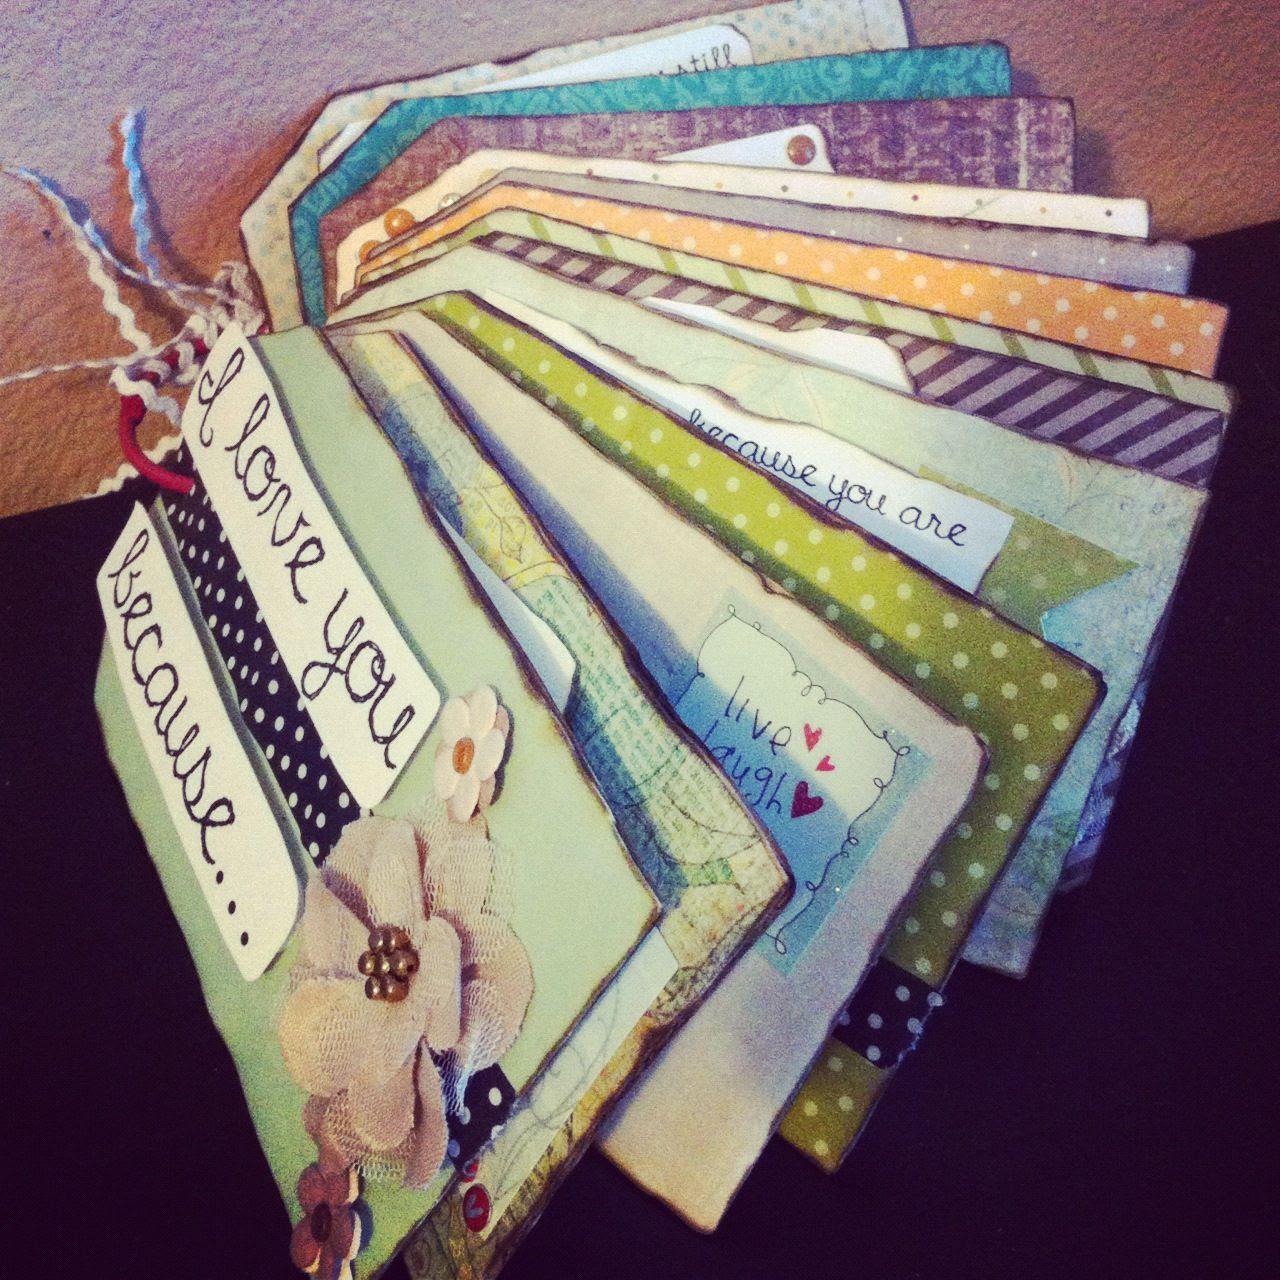 ... gifts for boyfriend cute boyfriend gift pinterest crafts the